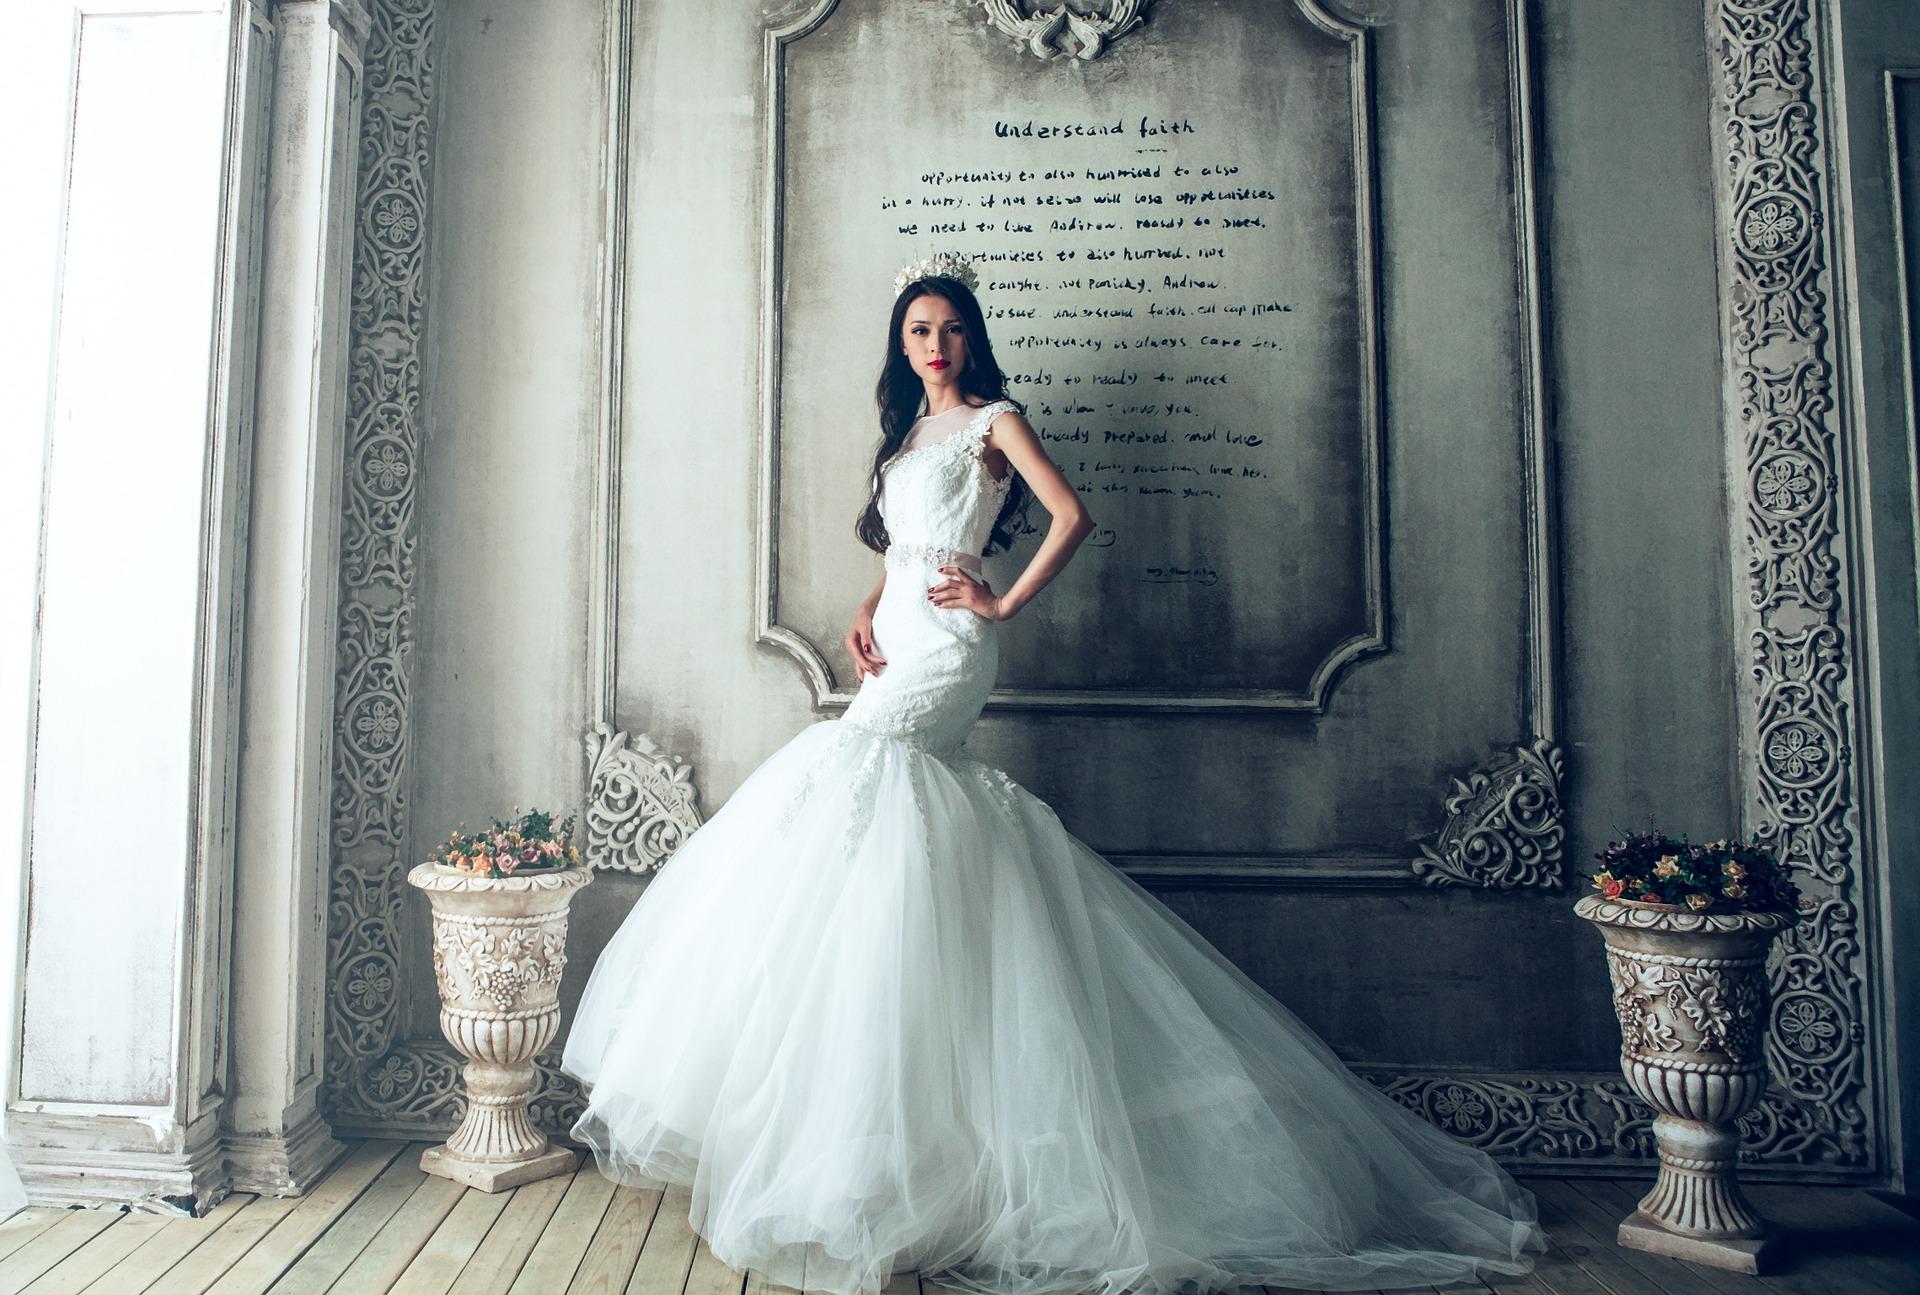 ブライダル業界のドレスの市場規模